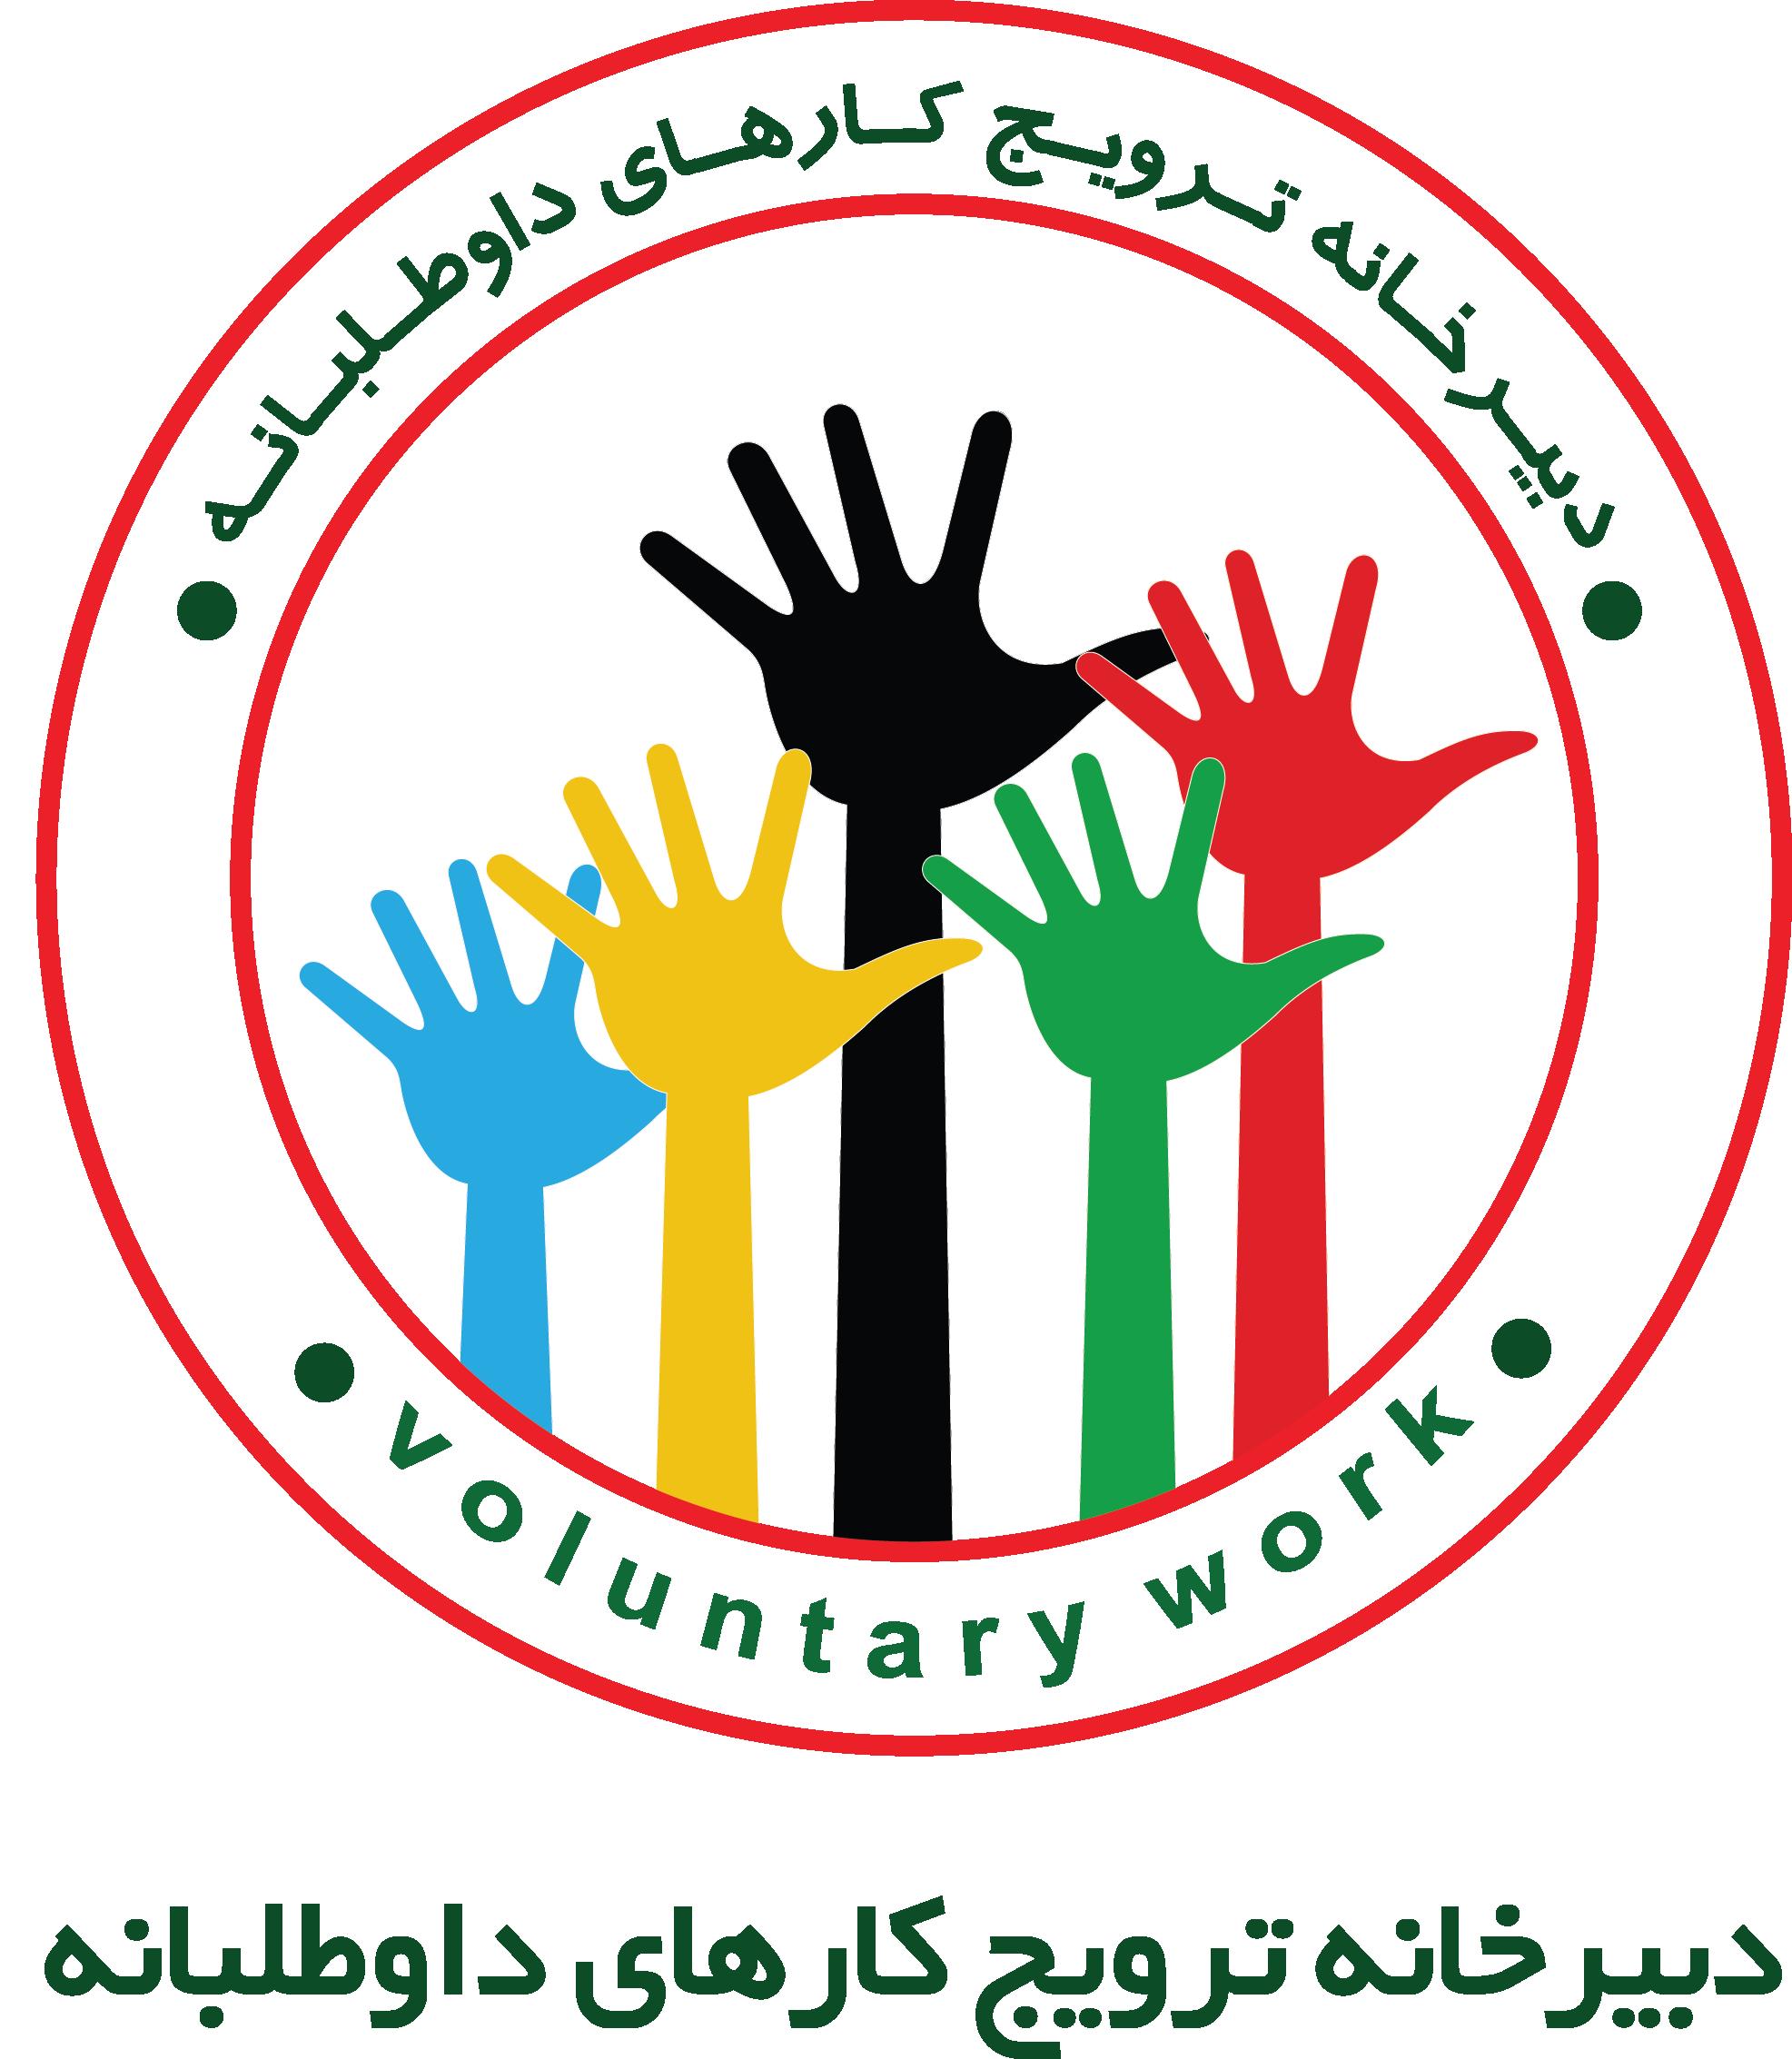 دبیرخانه ترویج کارهای داوطلبانه